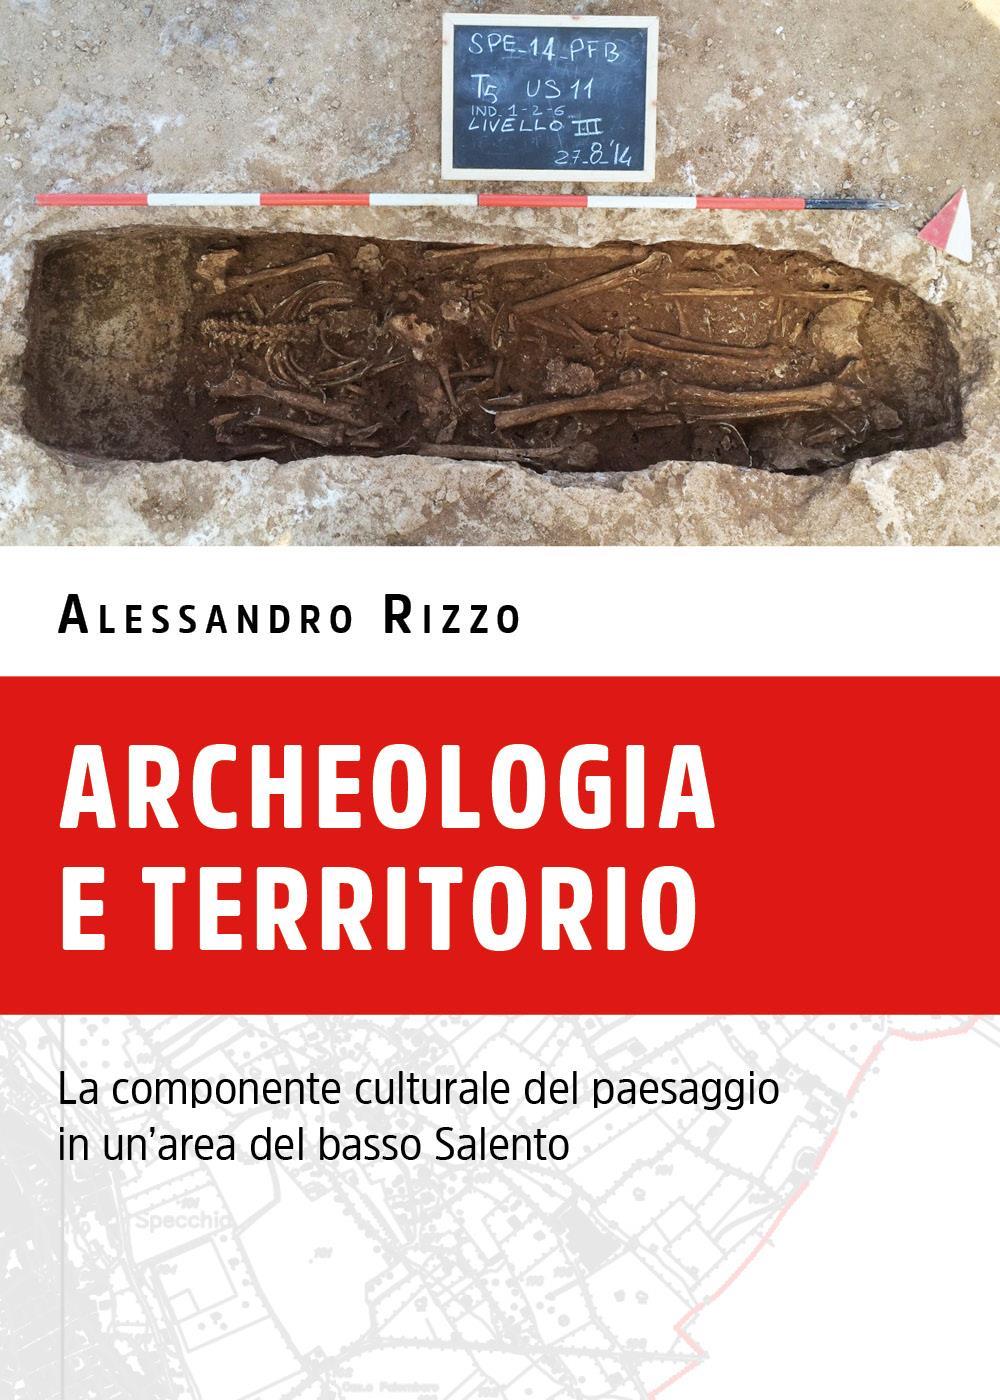 Archeologia e territorio. La componente culturale del paesaggio in un'area del basso salento.